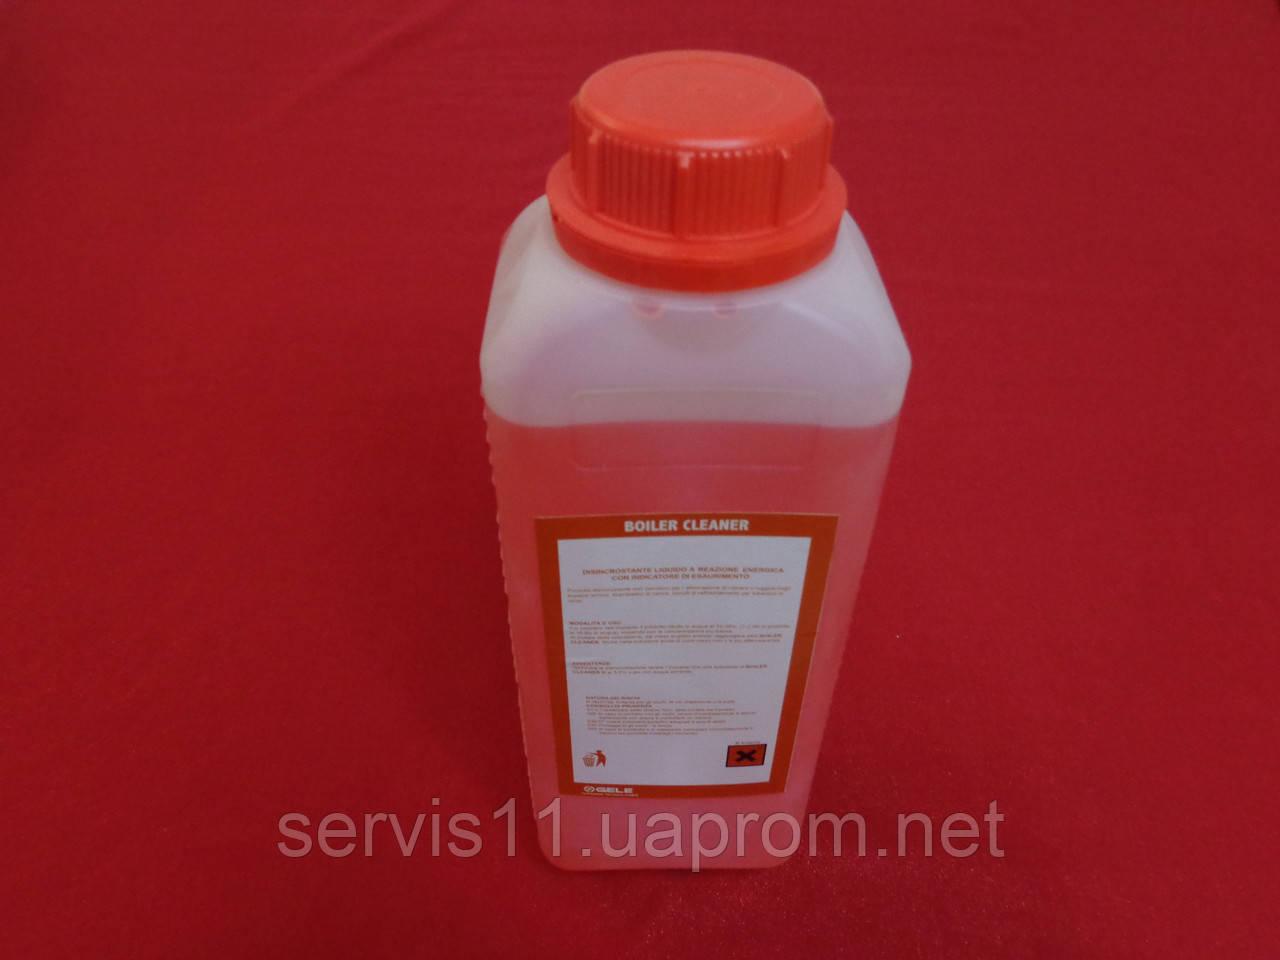 Жидкость для чистки теплообменников газовых котлов Установка для промывки GEL BOY C230 MATIC Саров